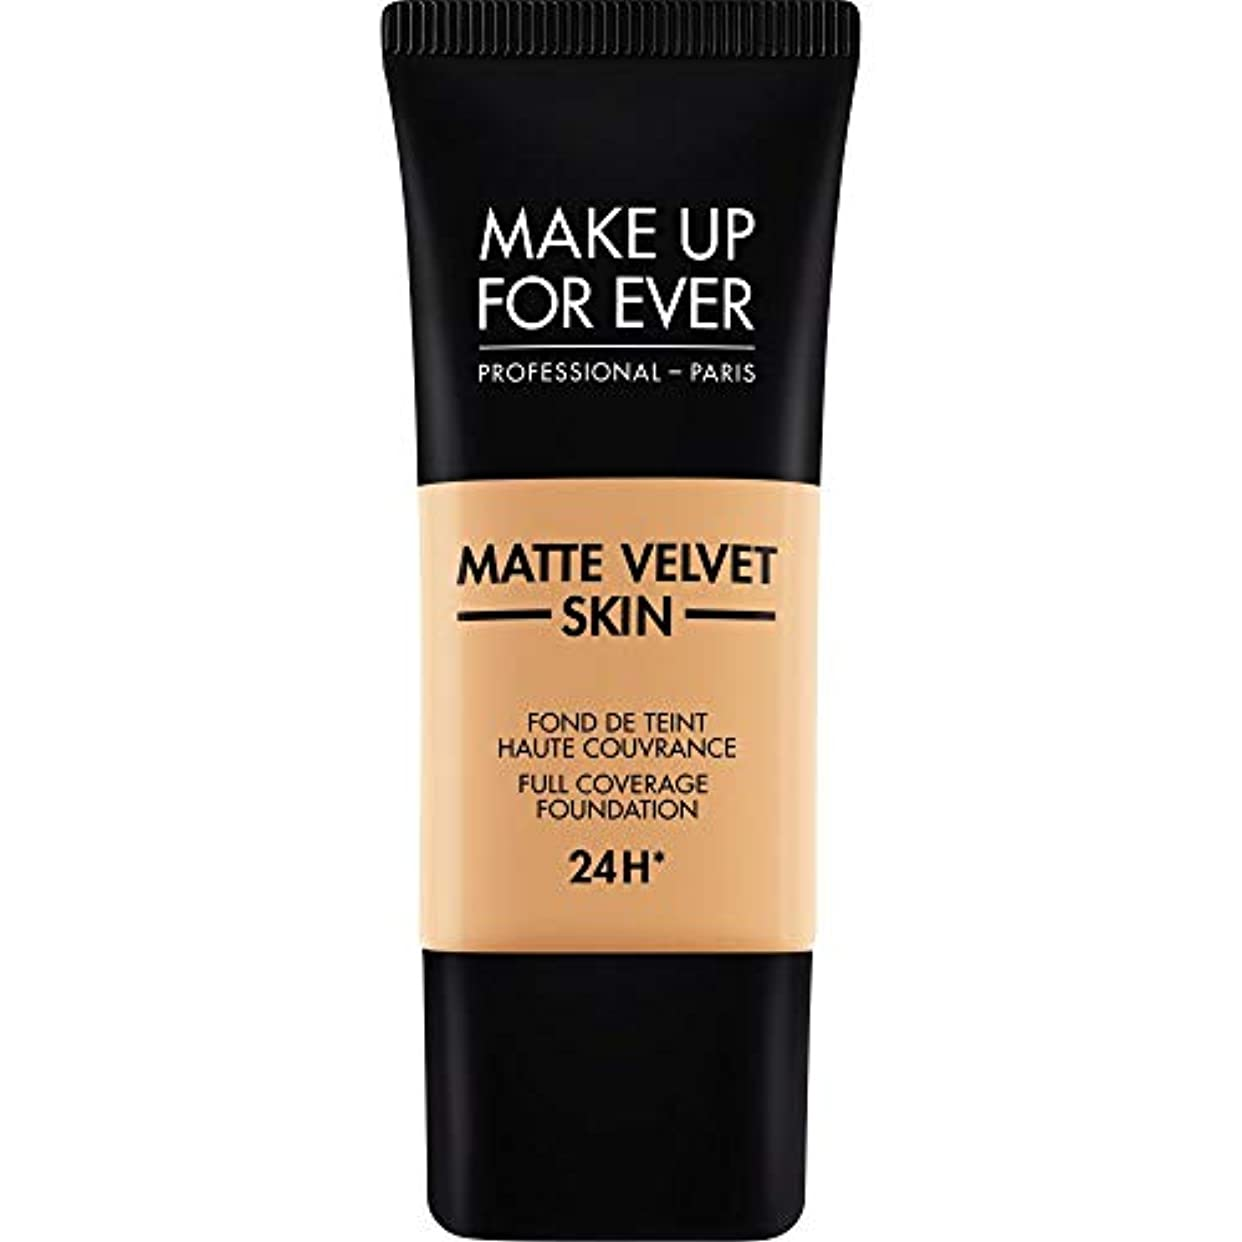 集中的な感染する危険な[MAKE UP FOR EVER ] 黄金の砂 - これまでマットベルベットの皮膚のフルカバレッジ基礎30ミリリットルのY375を補います - MAKE UP FOR EVER Matte Velvet Skin Full...